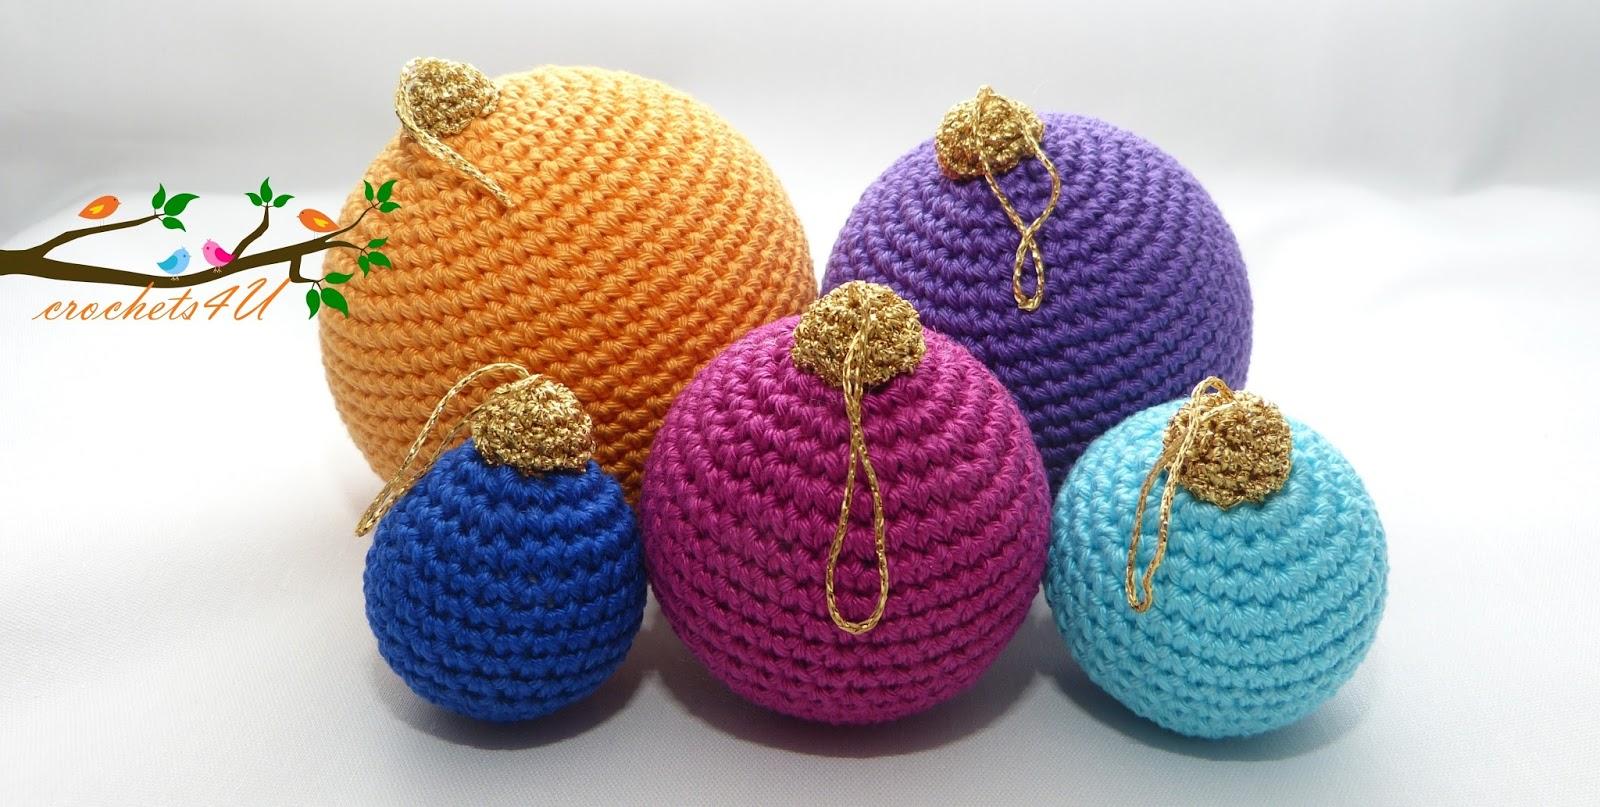 Crochets4u Kerstballen Haken